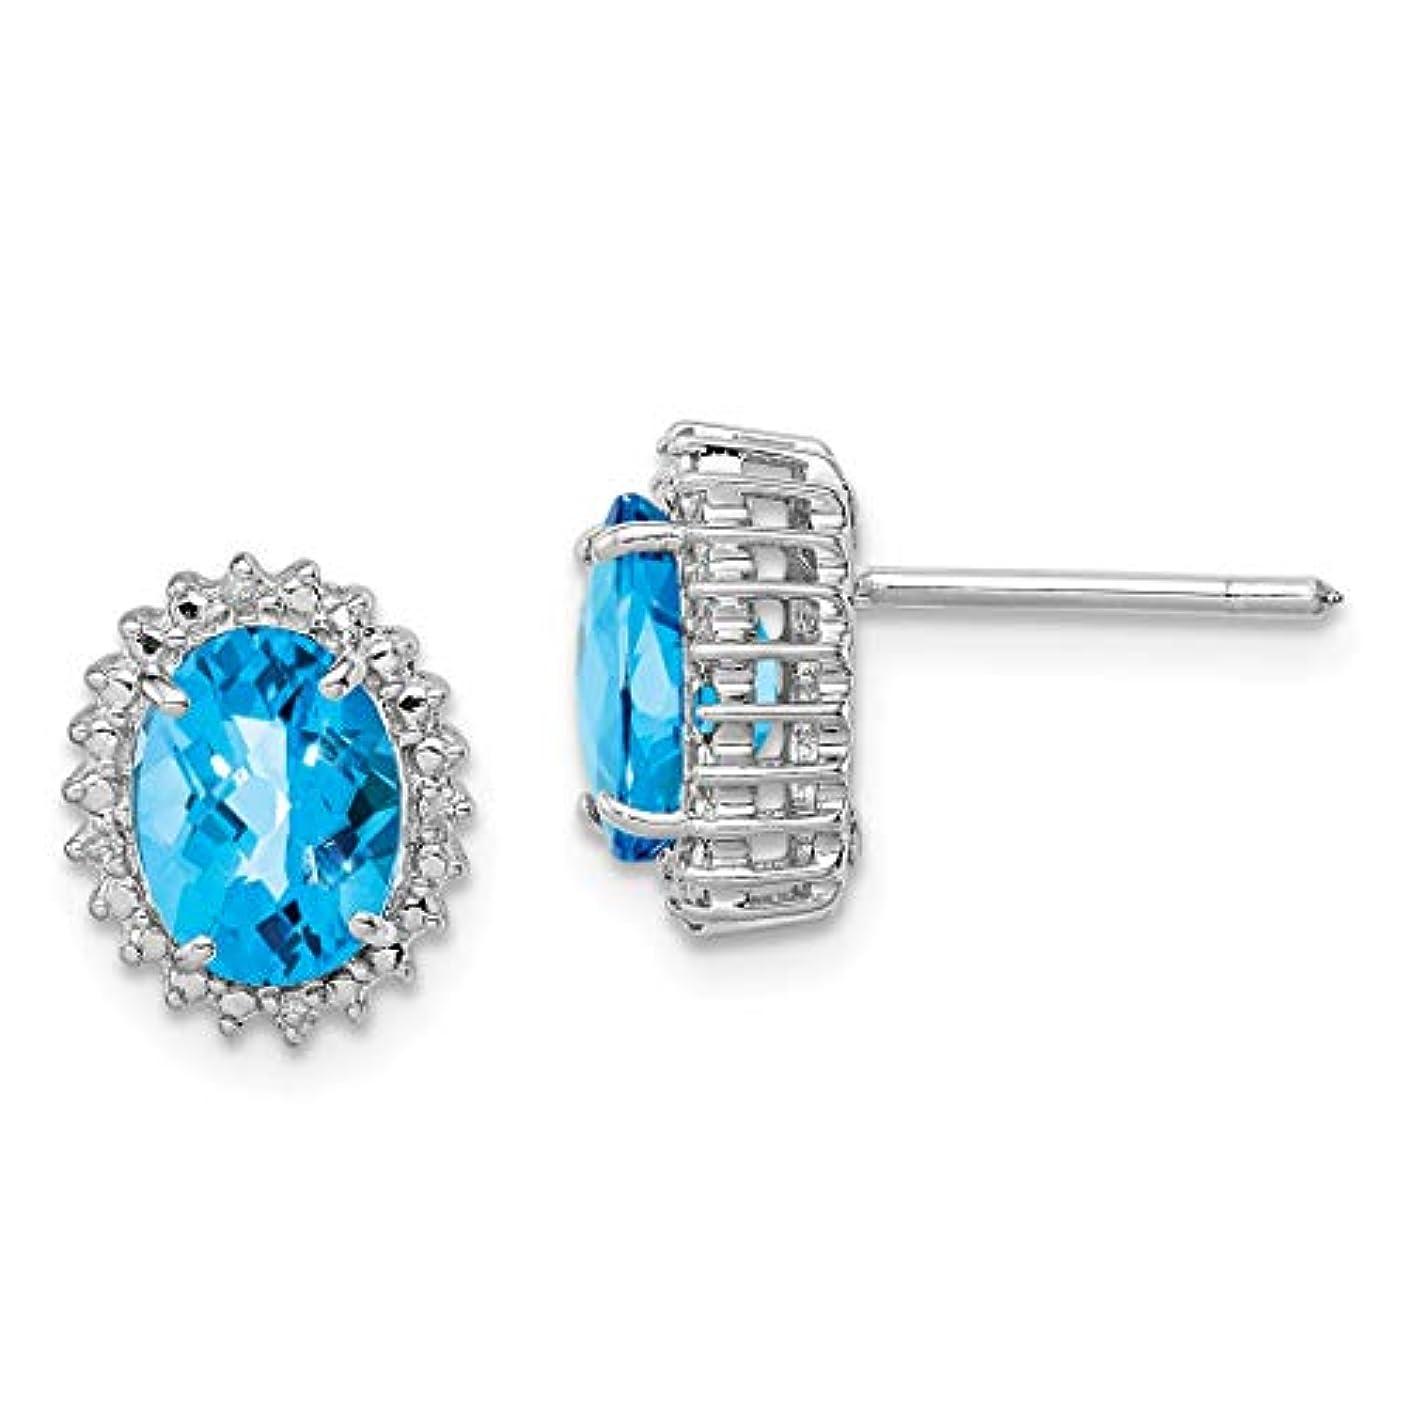 流出欠如取り付けICE CARATS 925 スターリングシルバー ブルートパーズ ダイヤモンド ポスト スタッド ボールボタン ピアス ファインジュエリー 女性へのギフトに最適